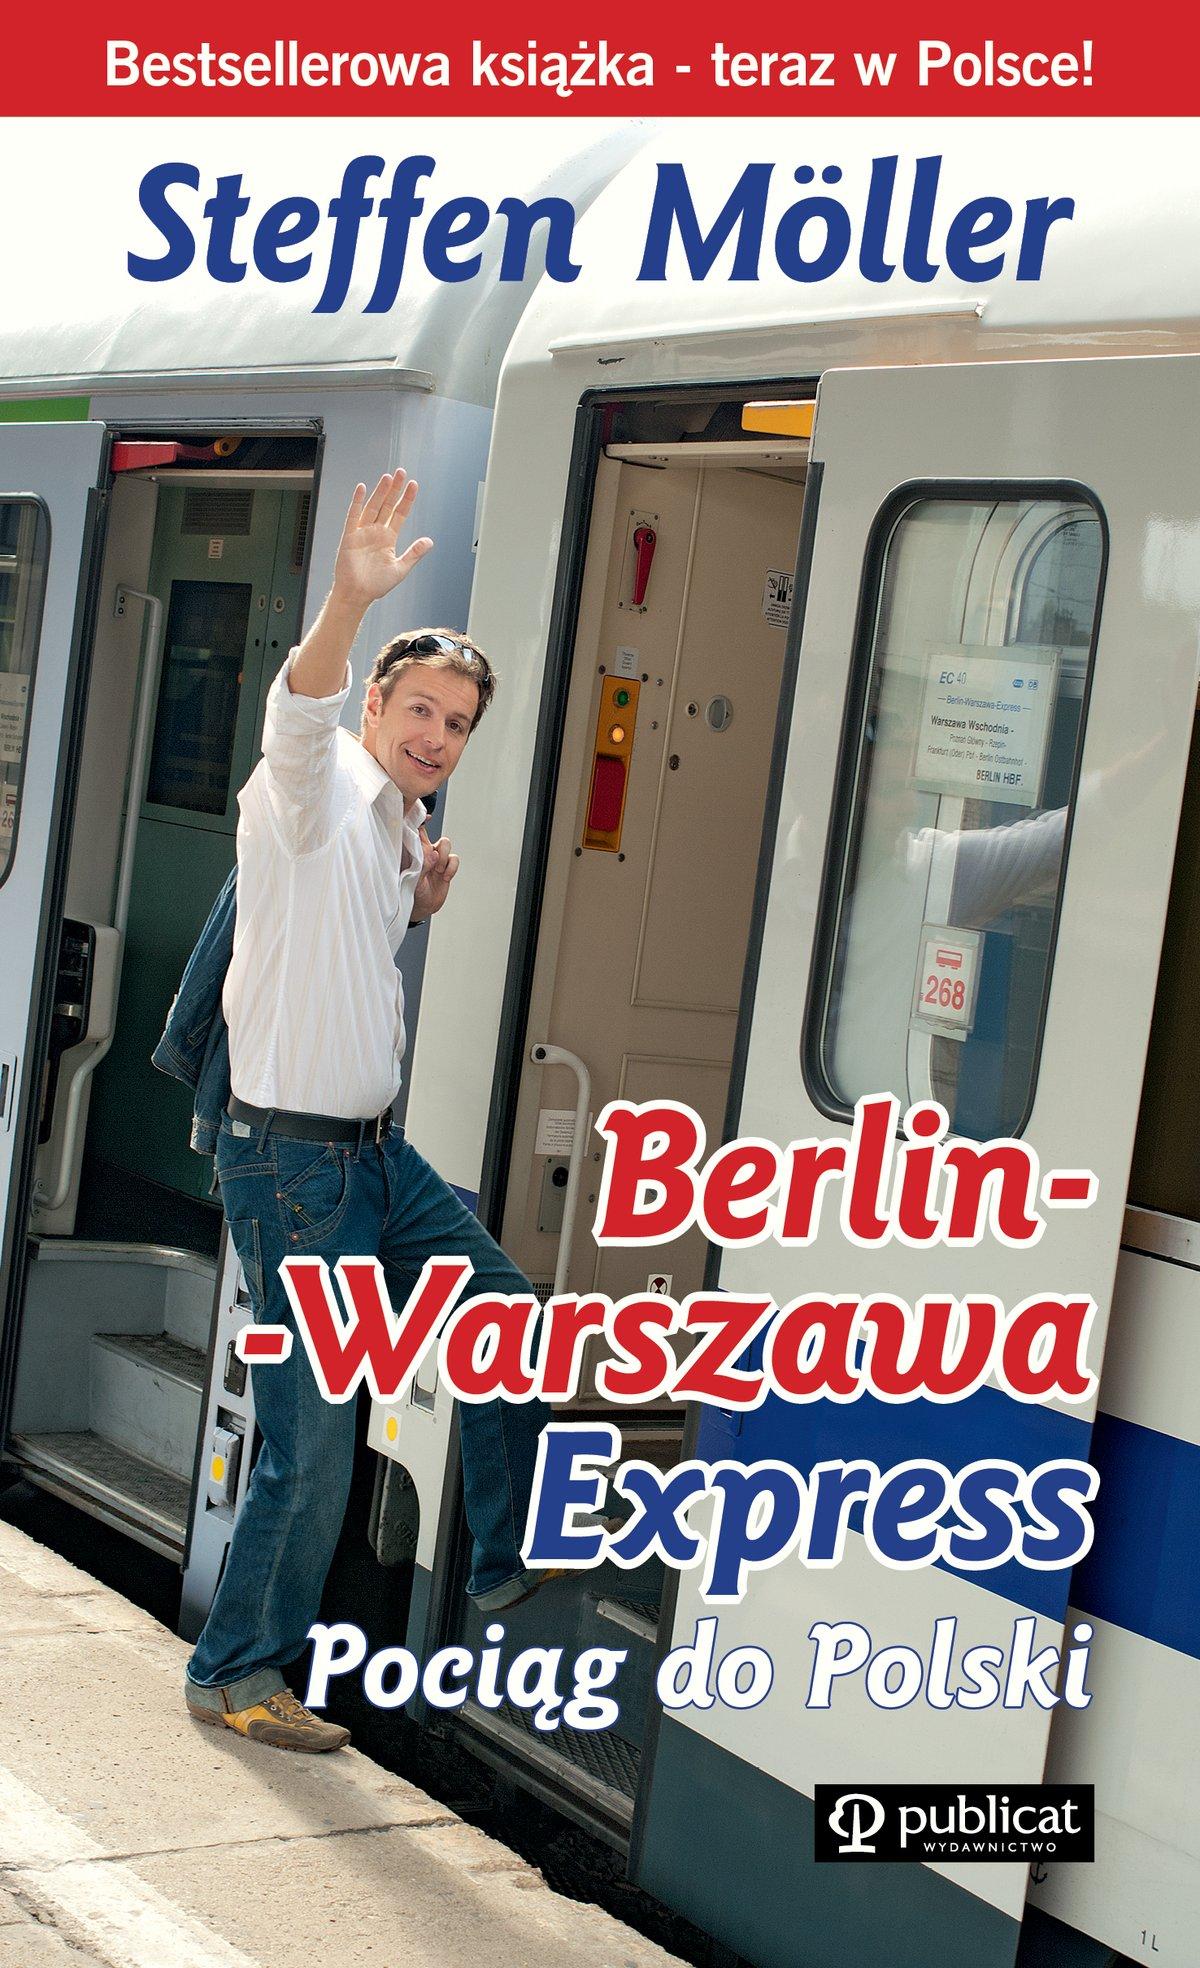 Berlin-Warszawa-Express. Pociąg do Polski (Steffen Moeller) - Ebook (Książka EPUB) do pobrania w formacie EPUB